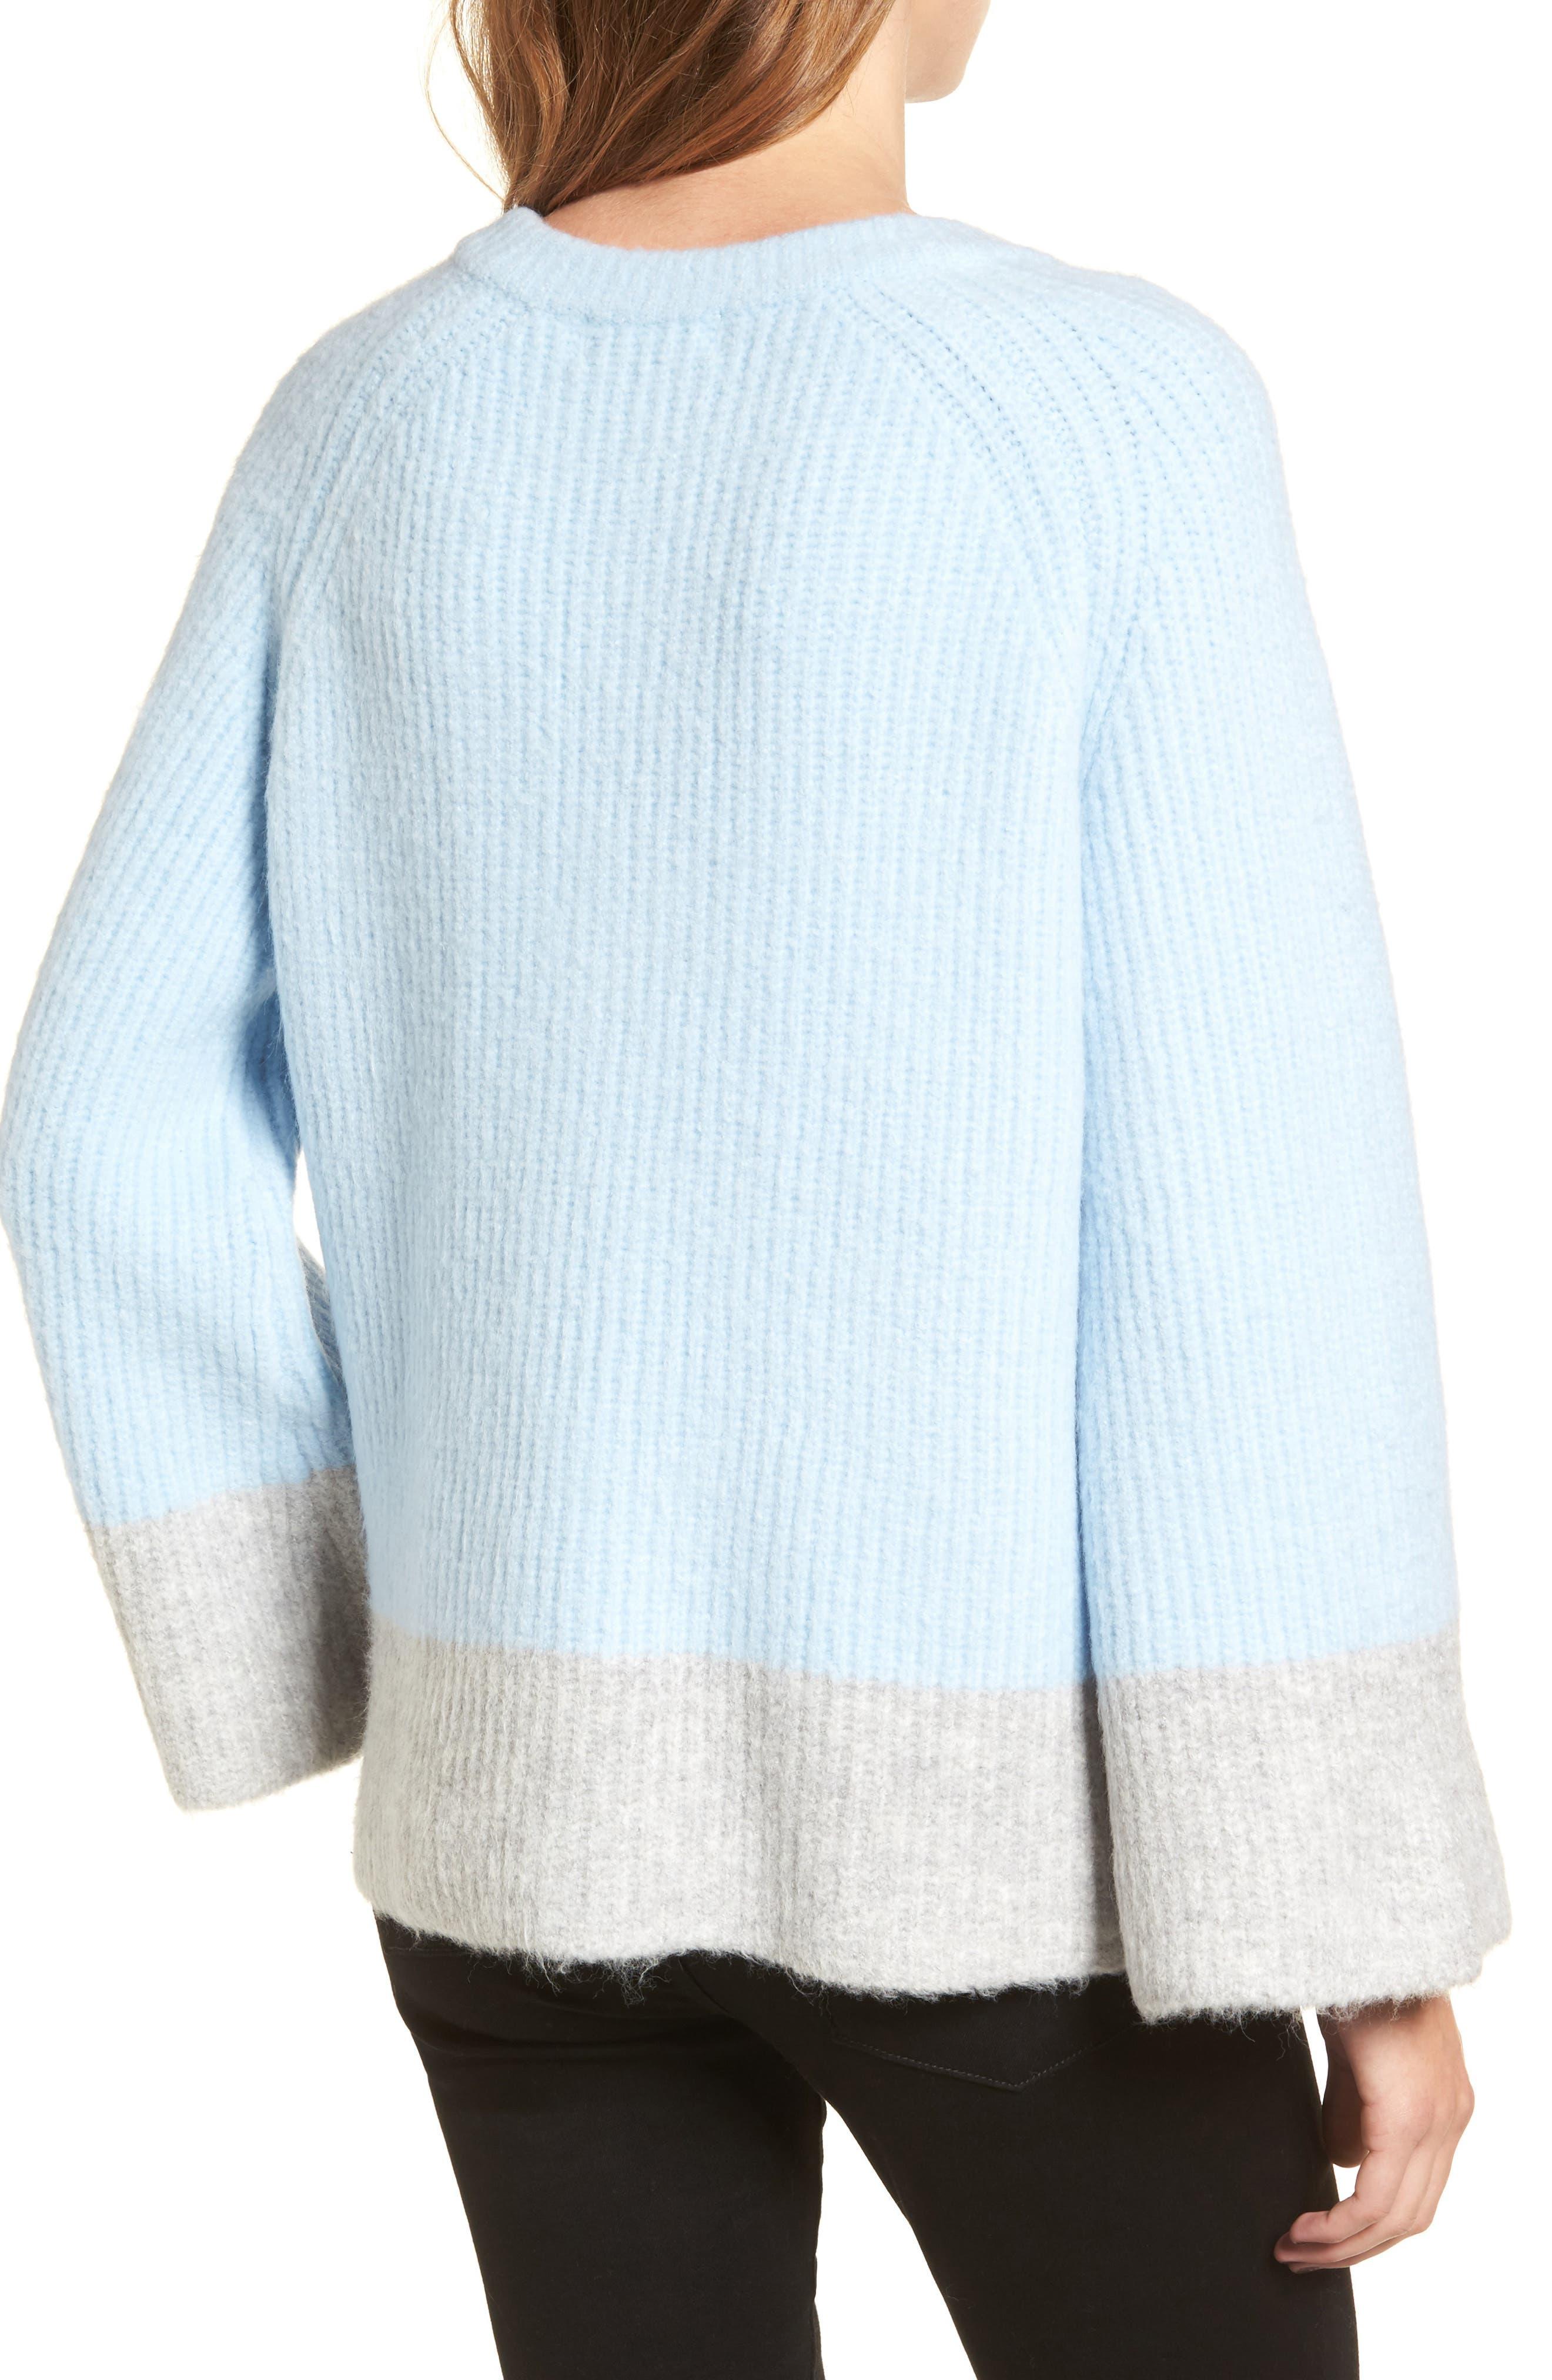 Alternate Image 3  - LOST INK Oversize V-Neck Sweater